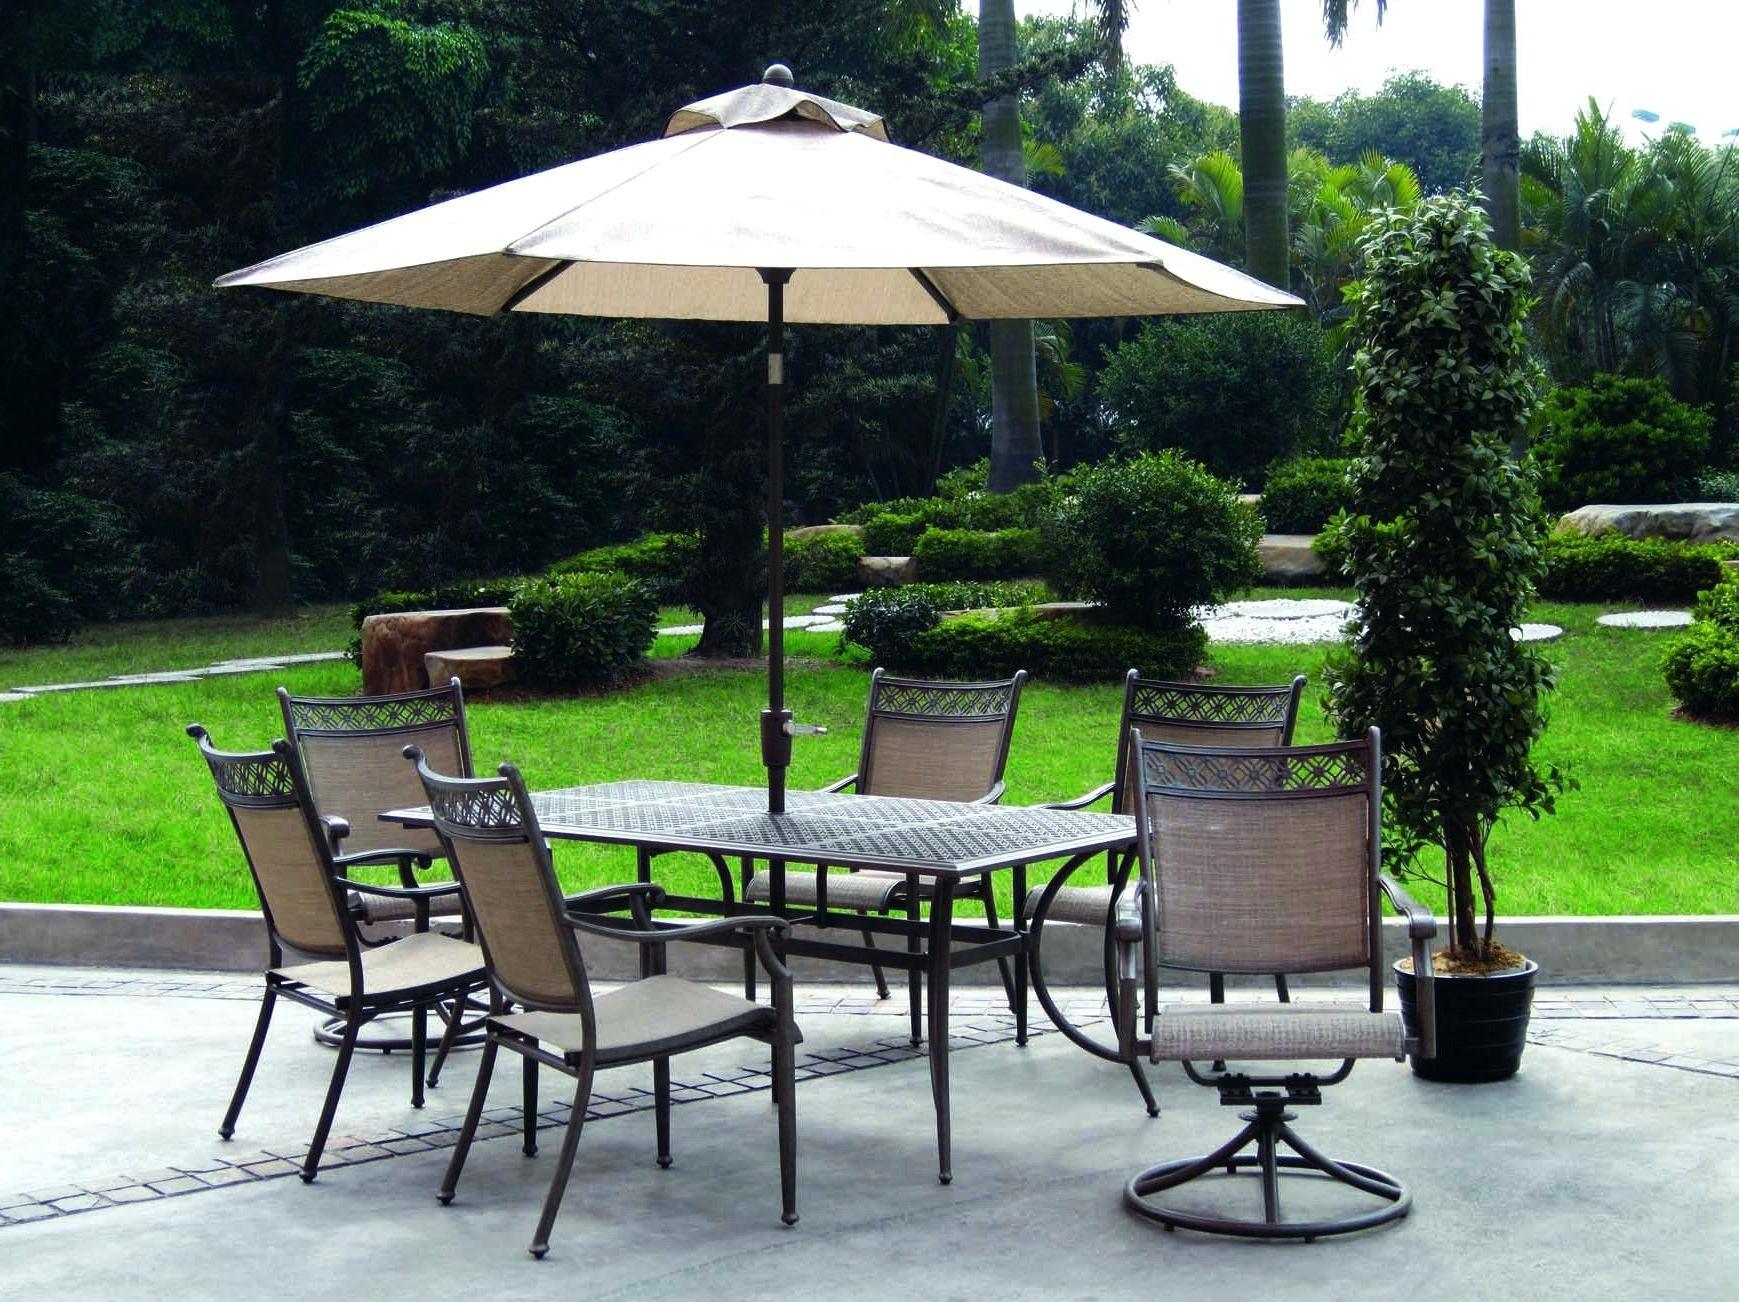 Hampton Bay Patio Umbrellas Inside Popular Hampton Bay Outdoor Furniture Sets Patio Umbrella Replacement Parts (View 8 of 20)